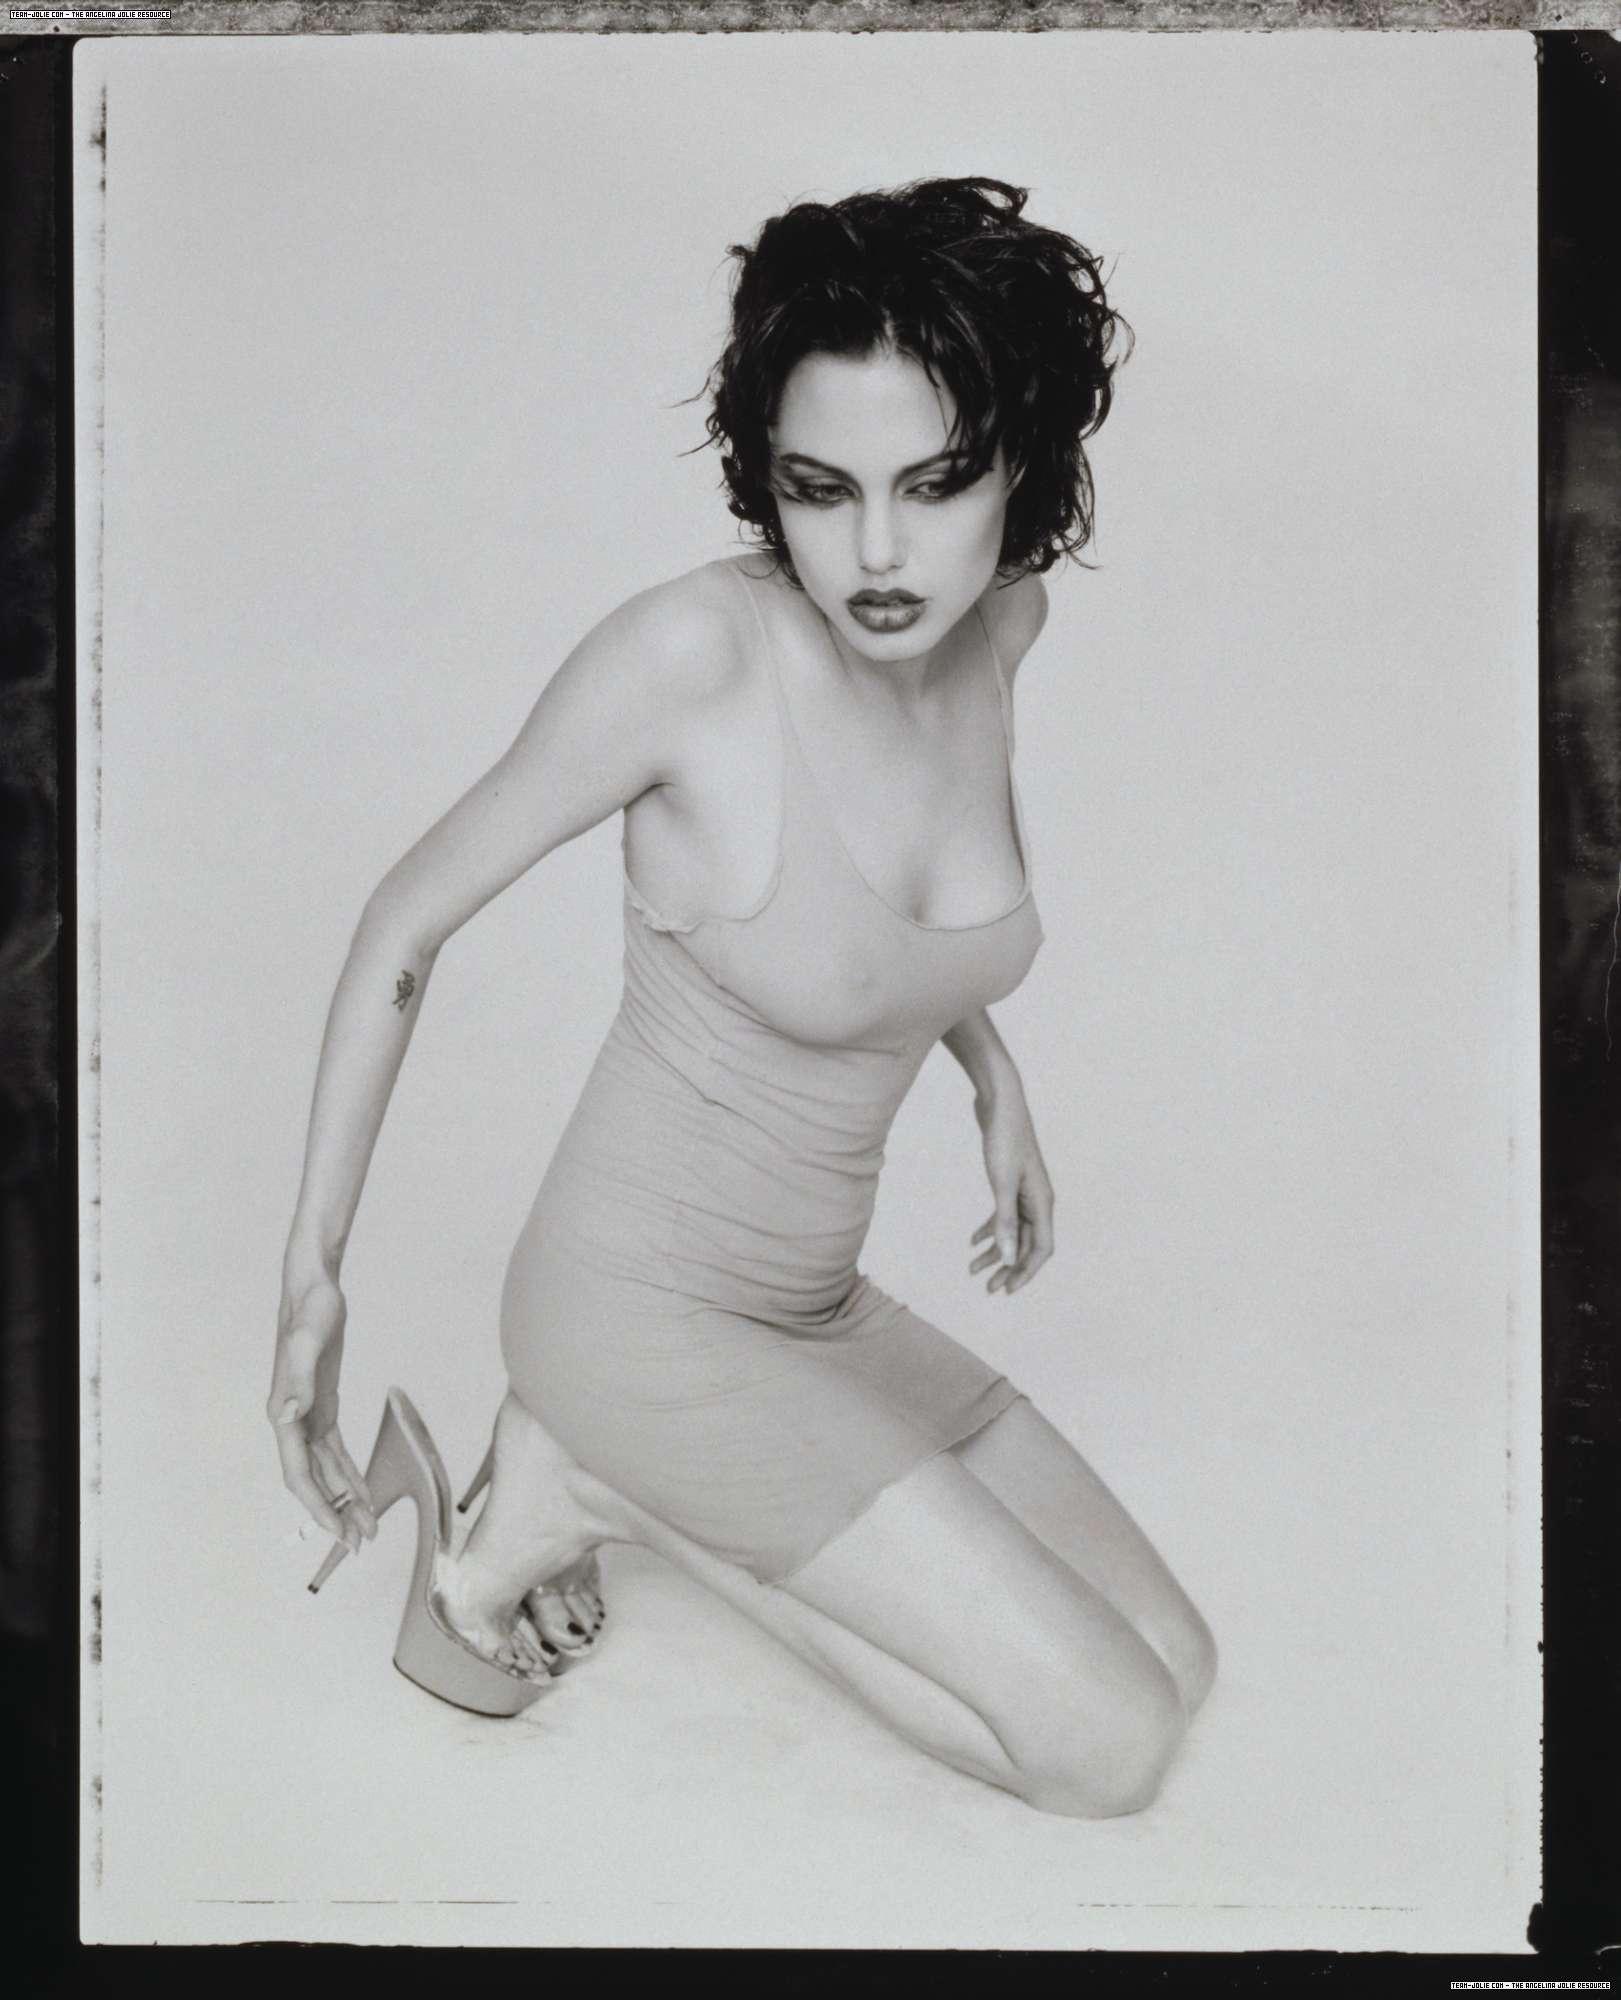 Angelina jolie porn pic porno photos